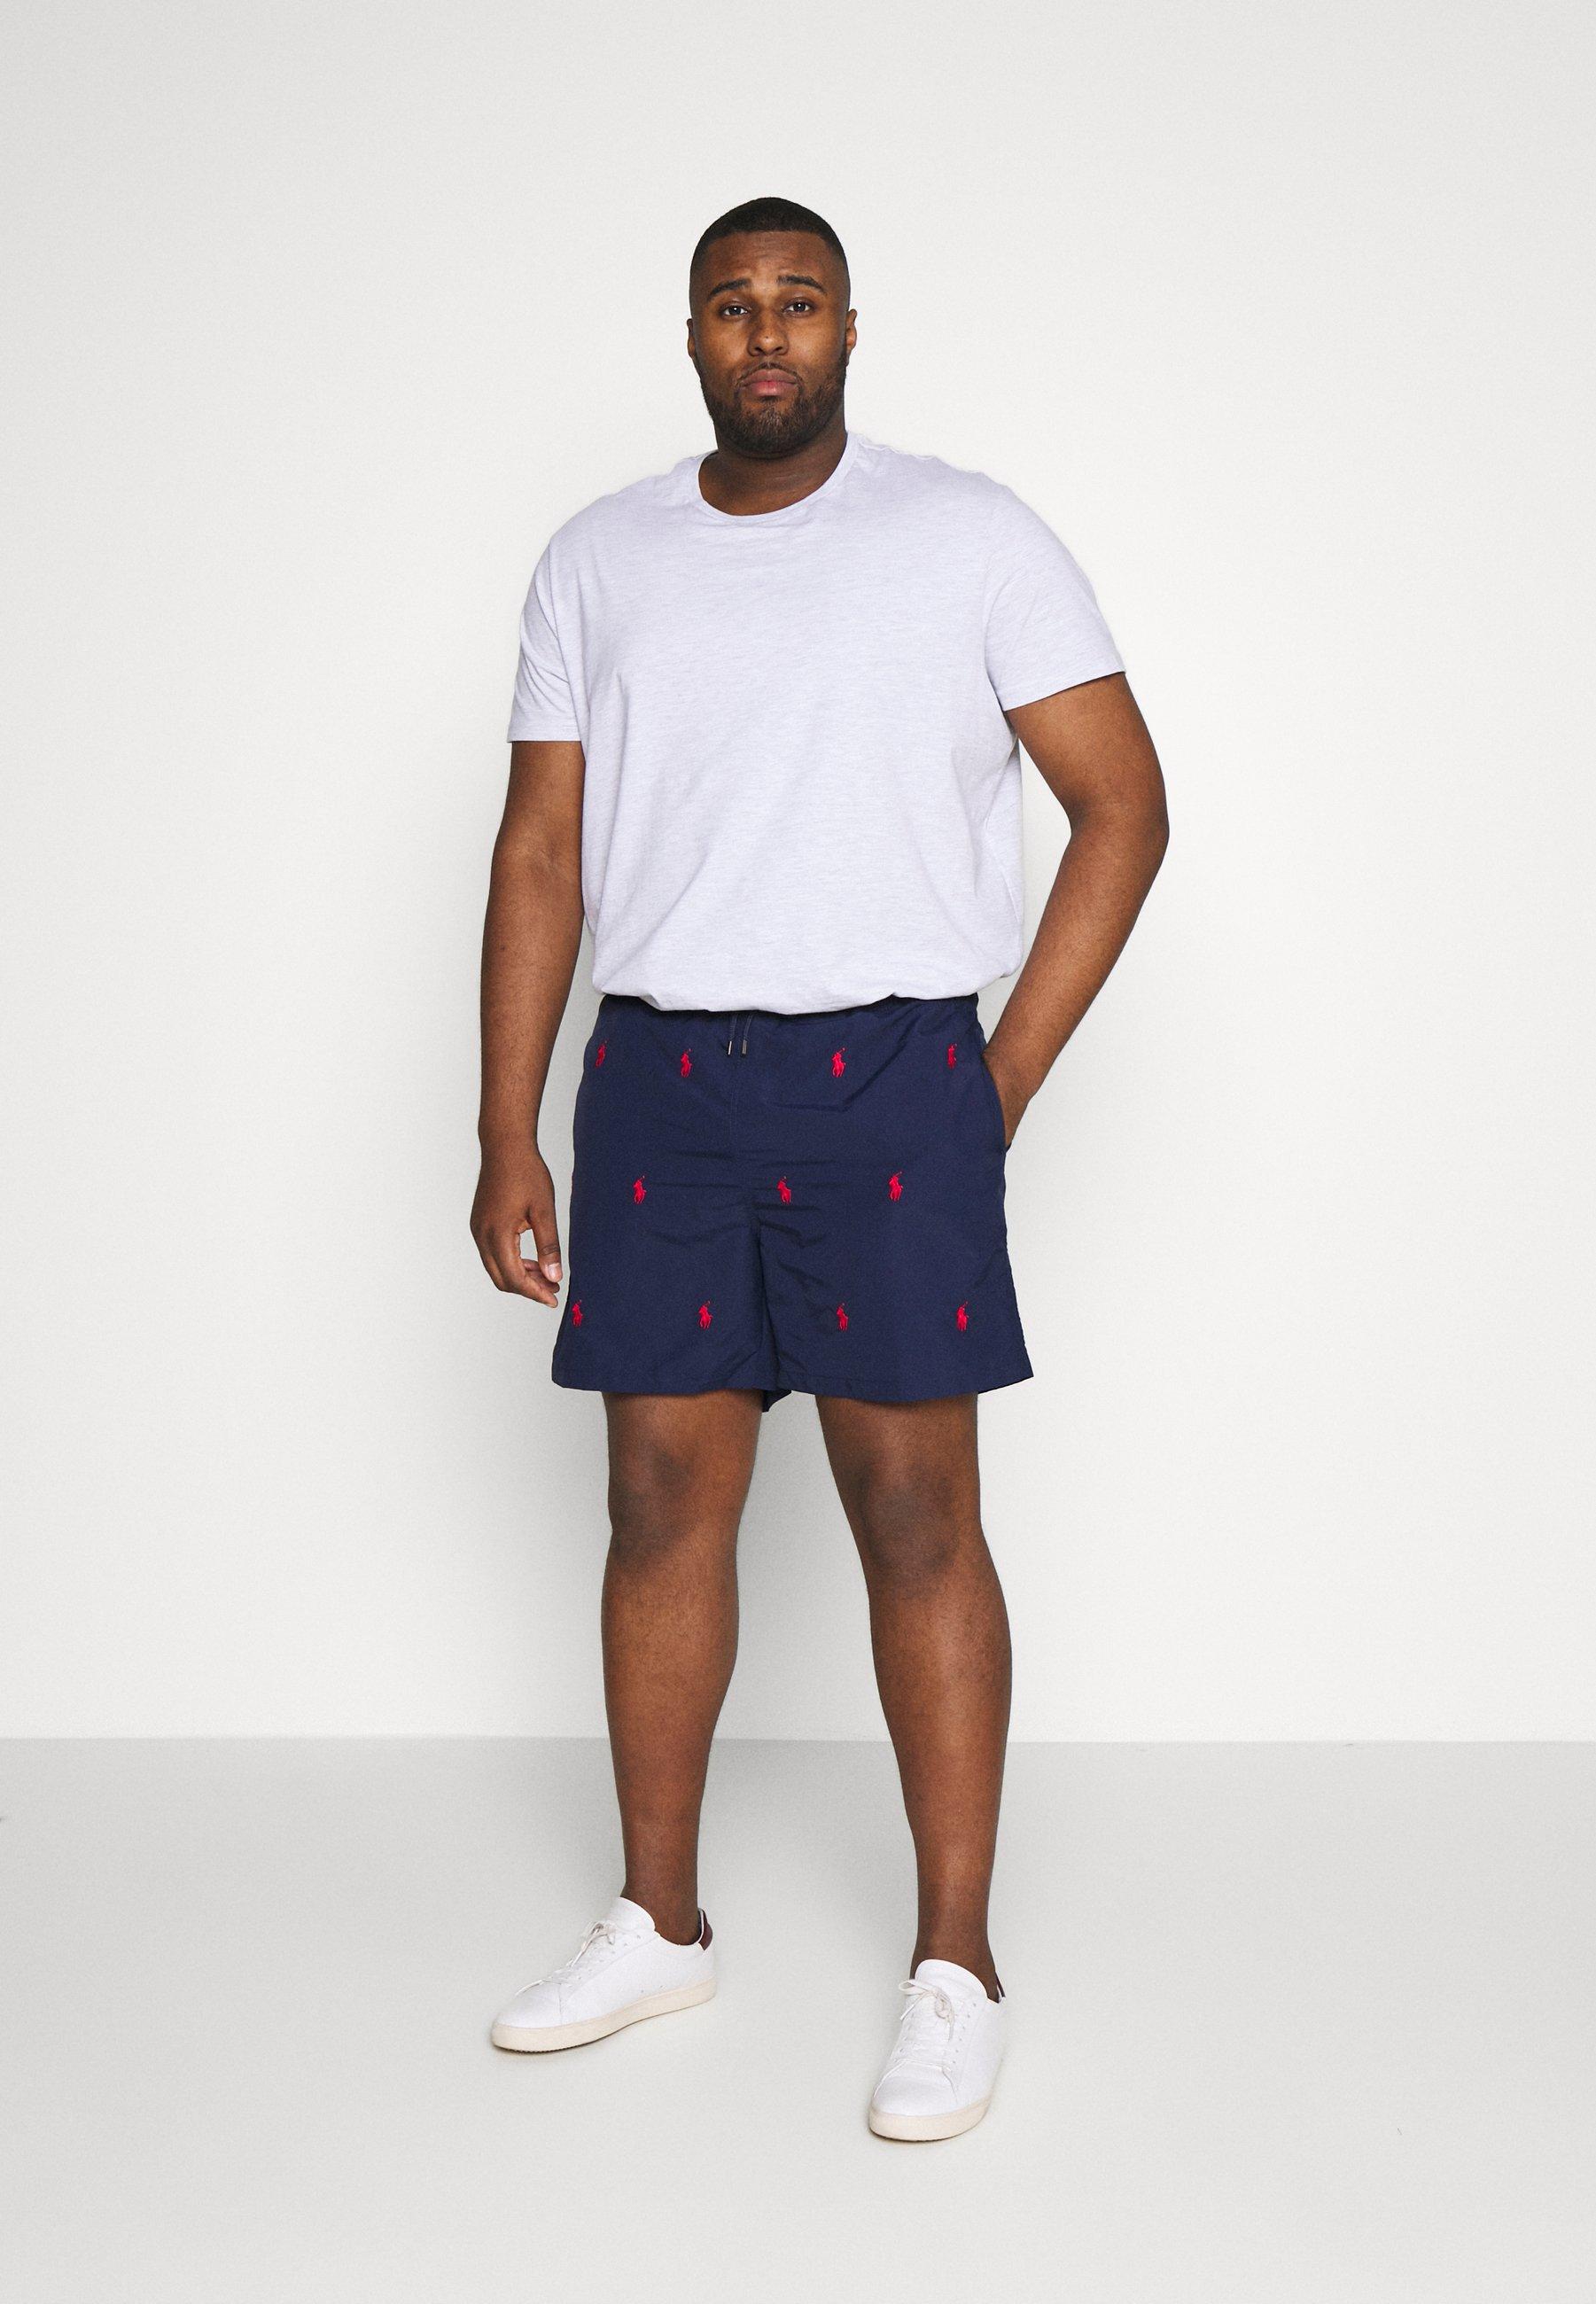 Polo Ralph Lauren Traveler - Shorts Newport Navy 0vXkq